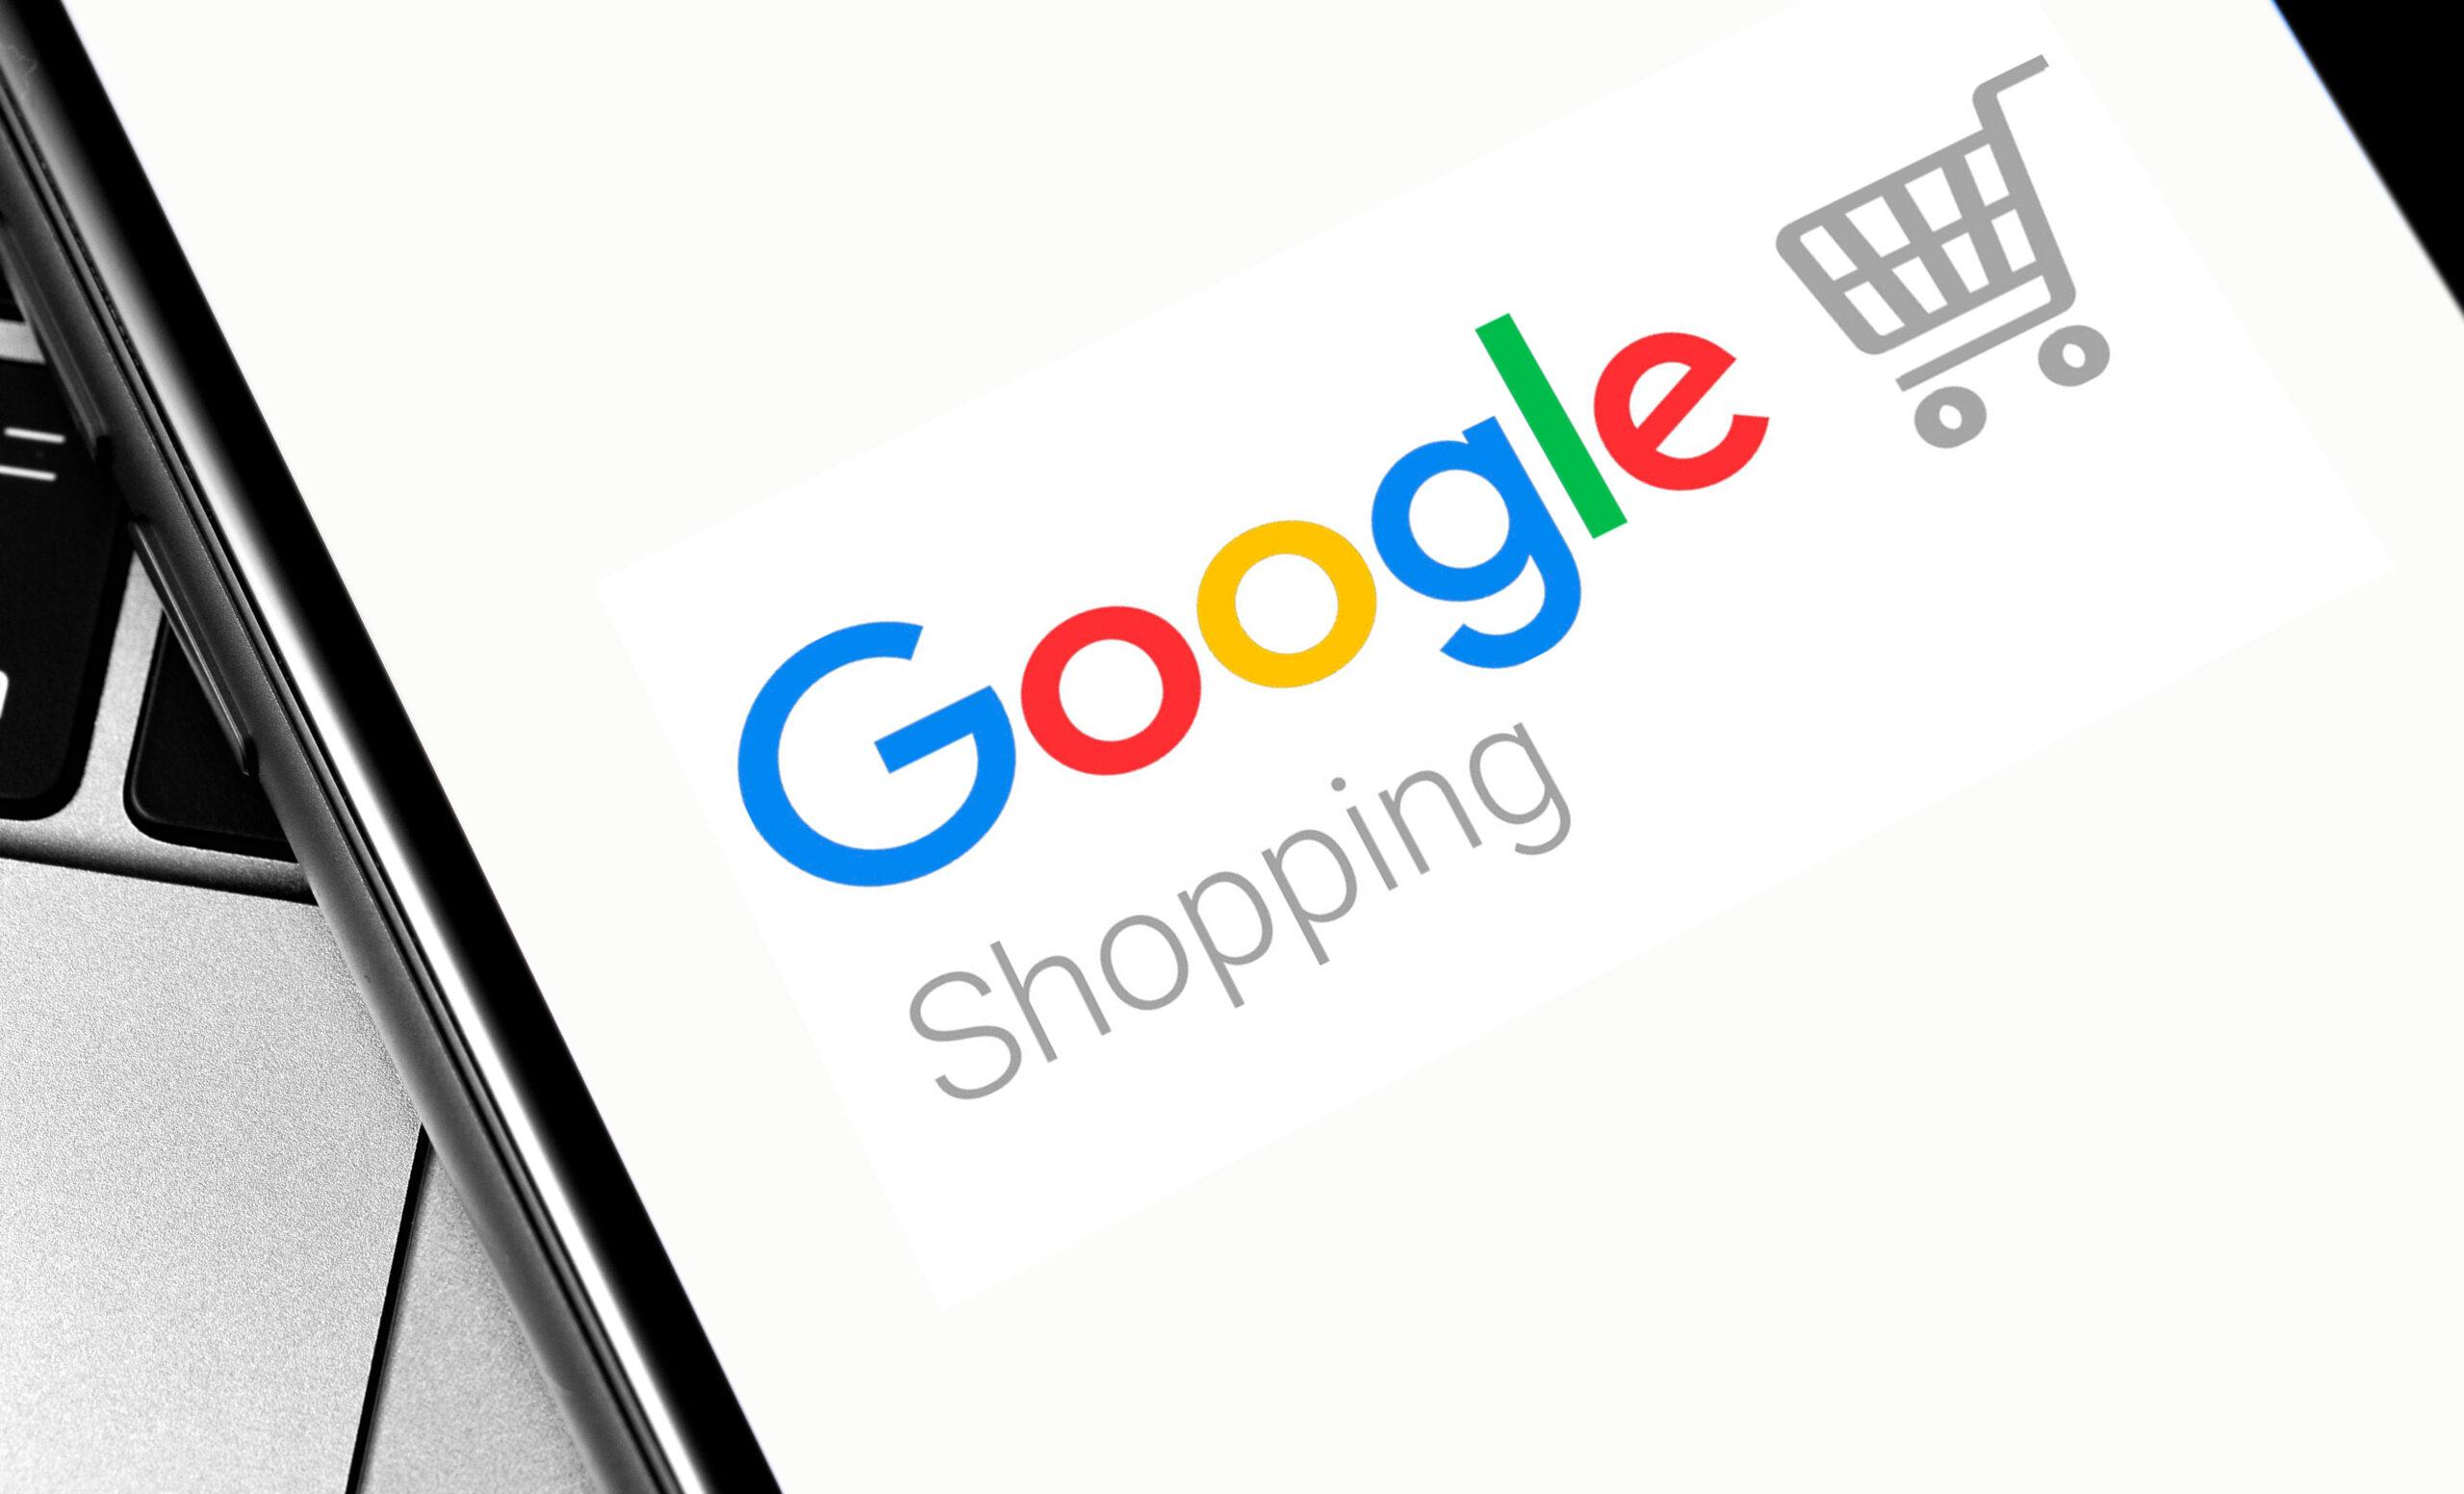 CSS – co to jest i czym różni się od Google Zakupy?